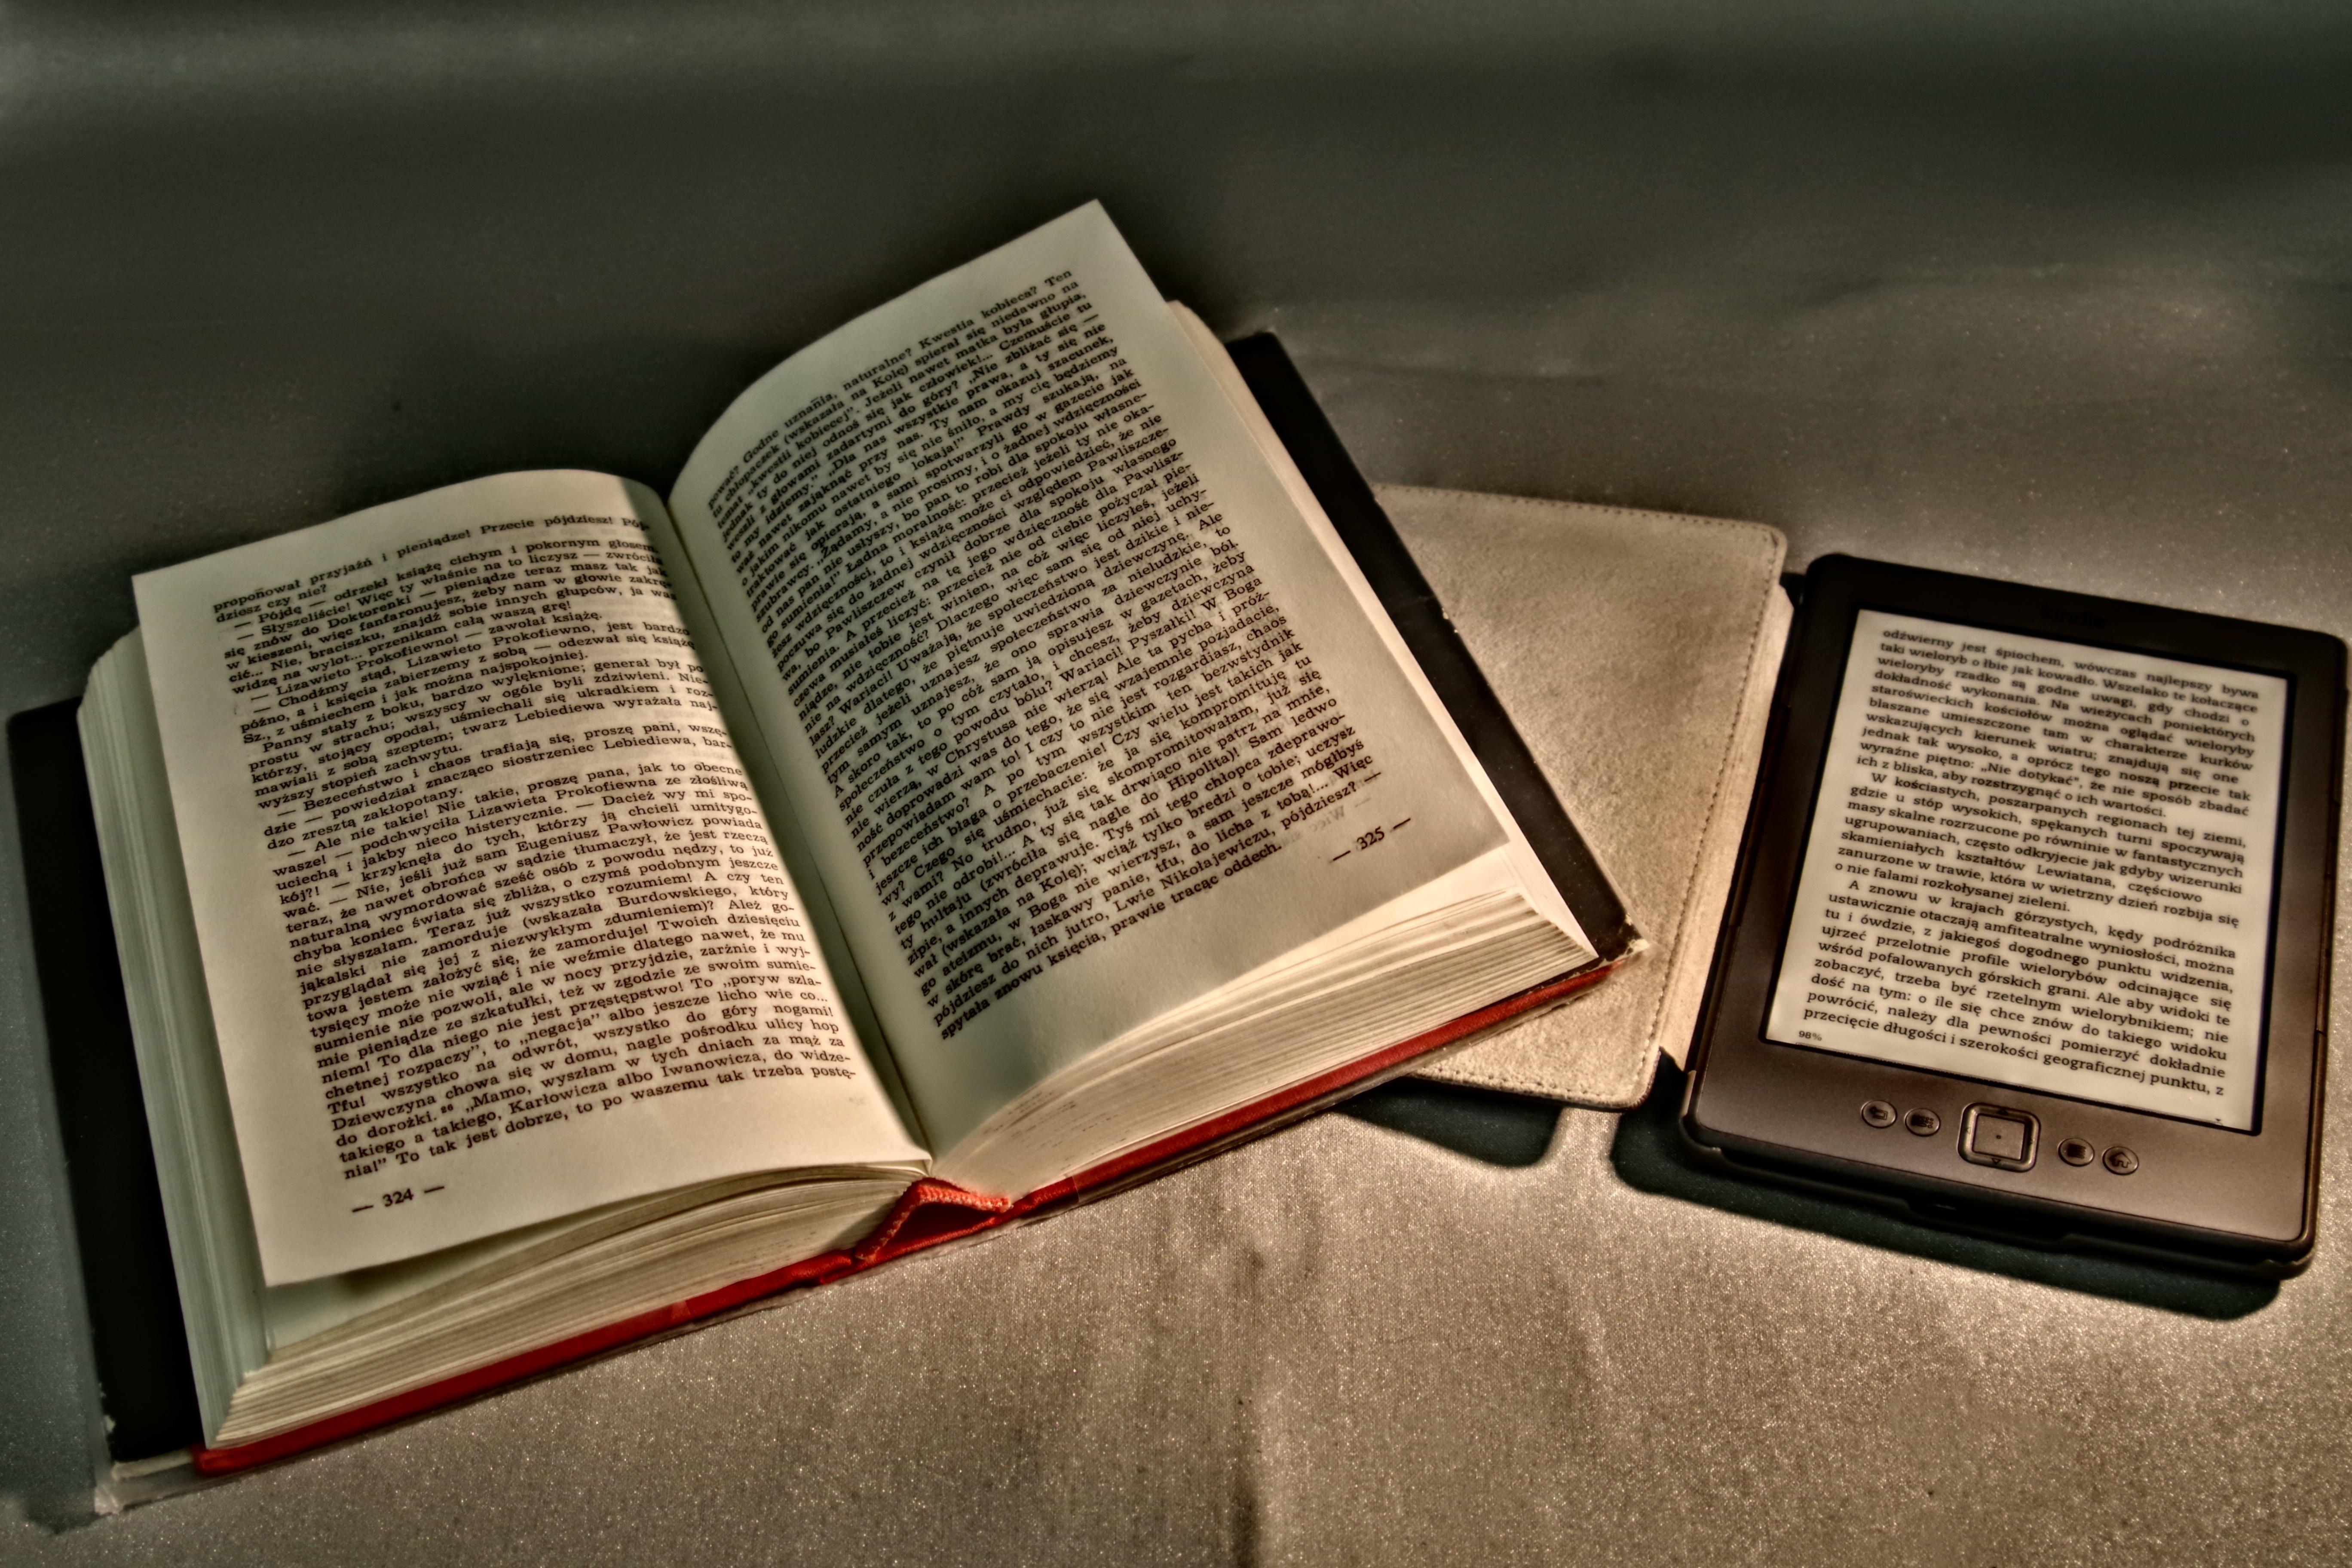 чтение электронной книги картинки одну